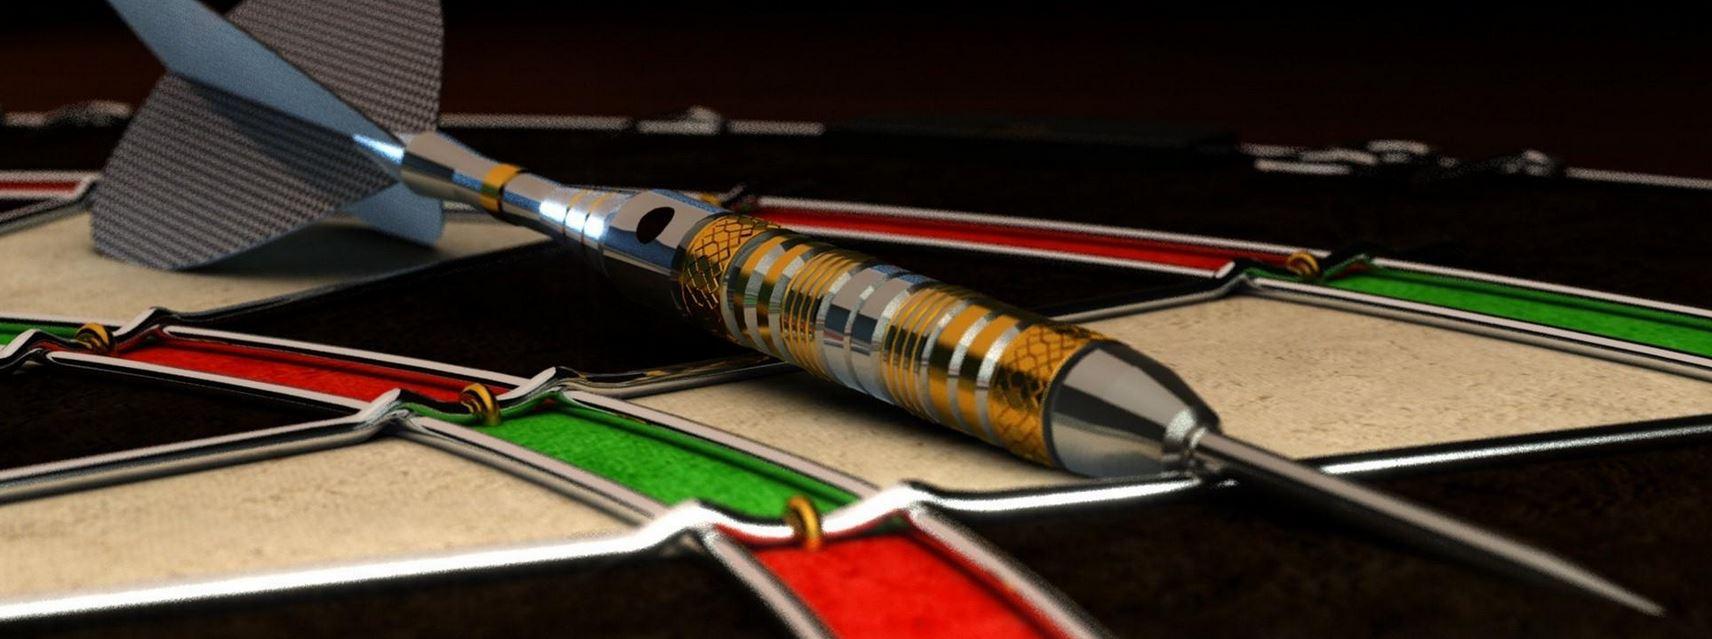 Gokken op darts